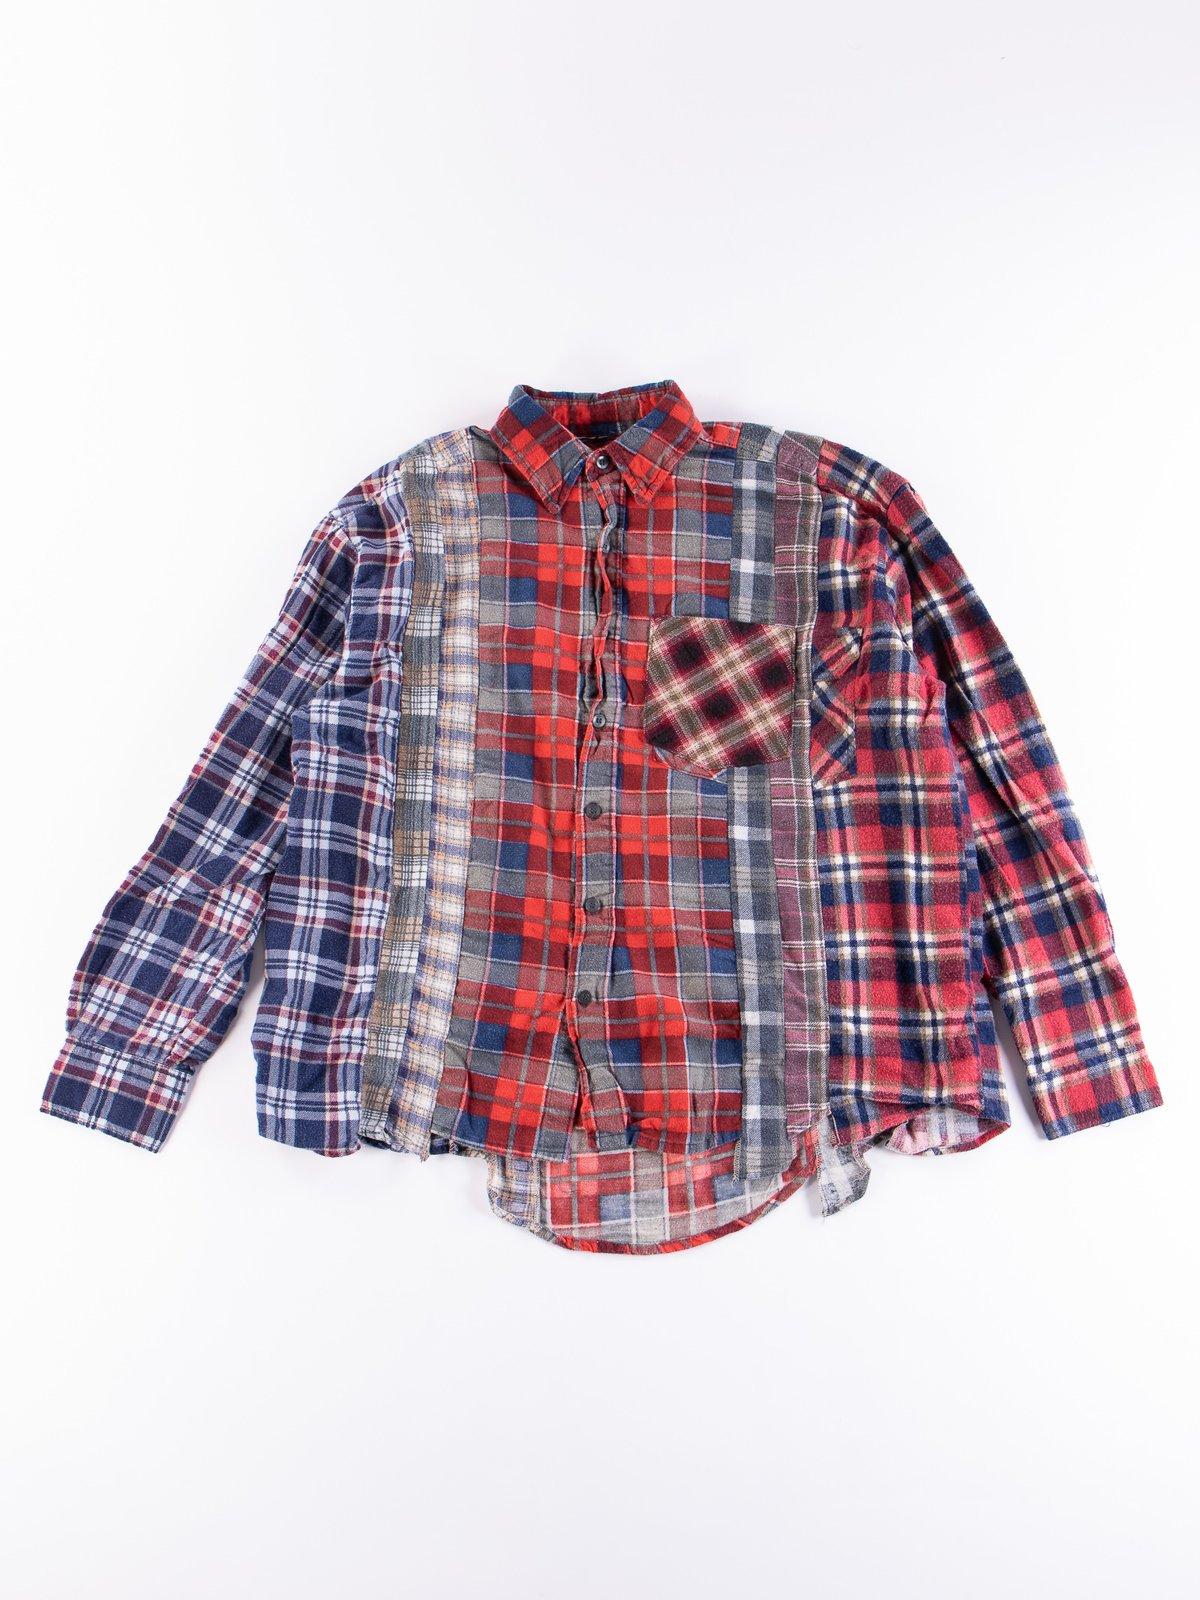 Assorted 7 Cuts Rebuild Shirt - Image 9